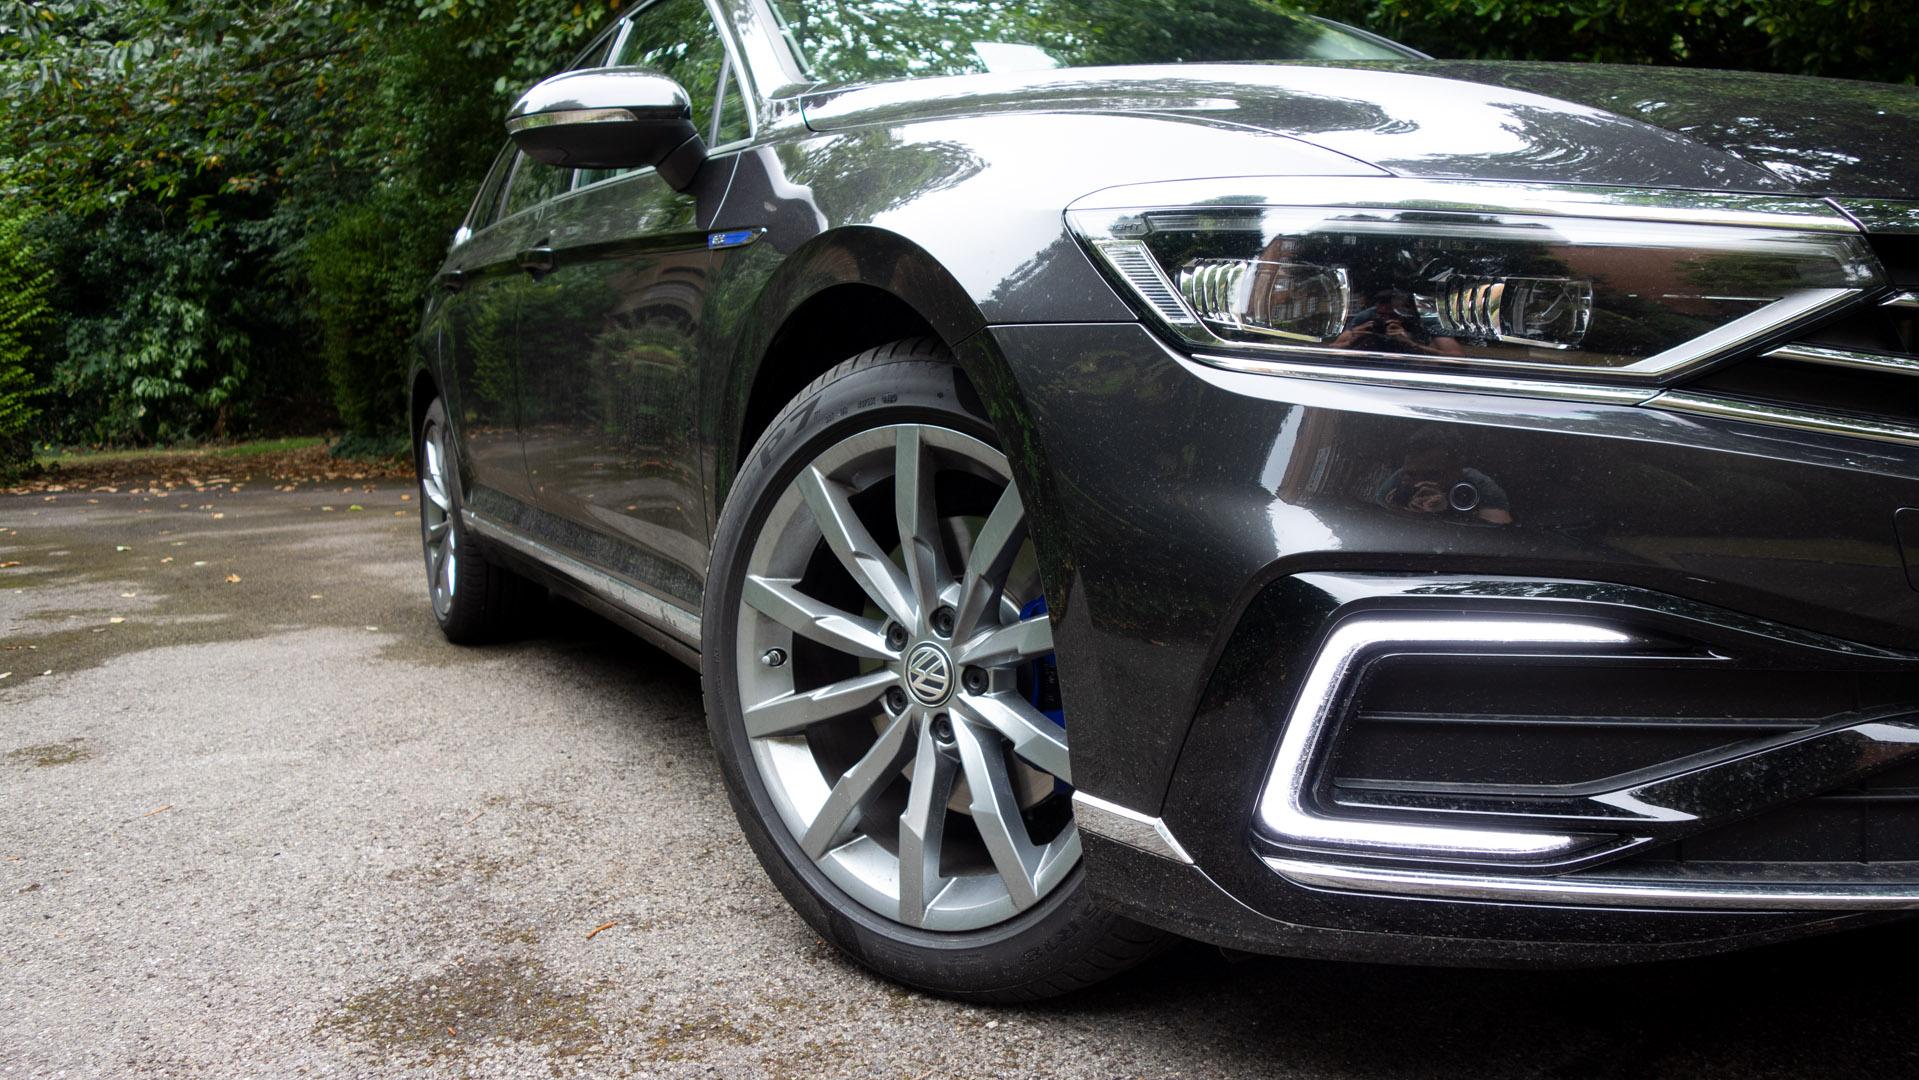 Volkswagen Passat Estate GTE wheels